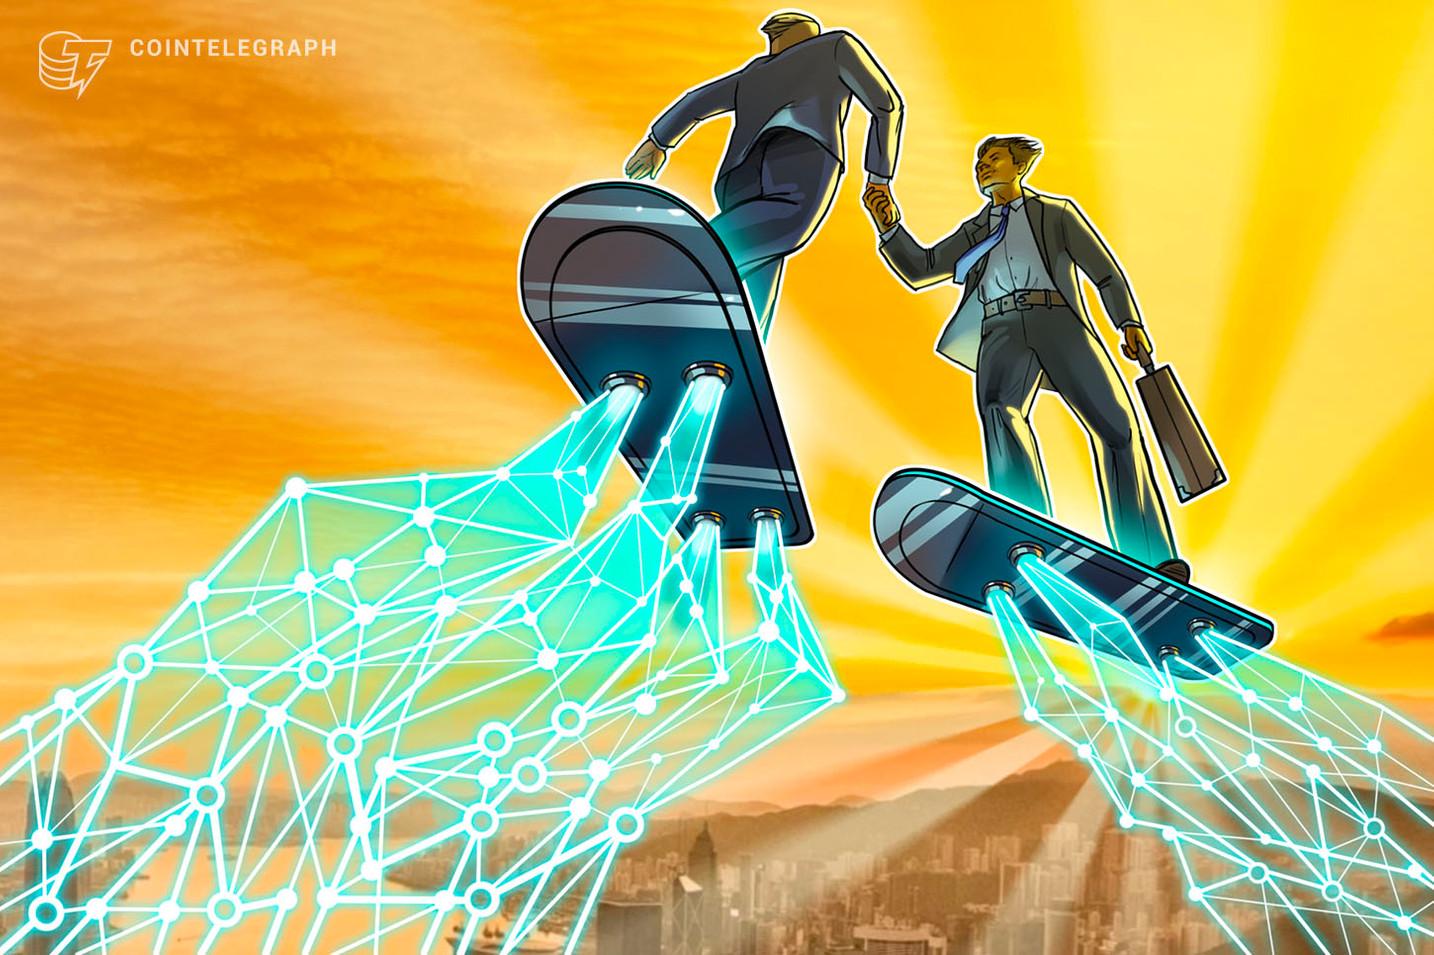 """باينانس تتعاون مع شركة تحليلات بلوكتشين """"سيفر تريس"""" لتعزيز مكافحة غسيل الأموال"""